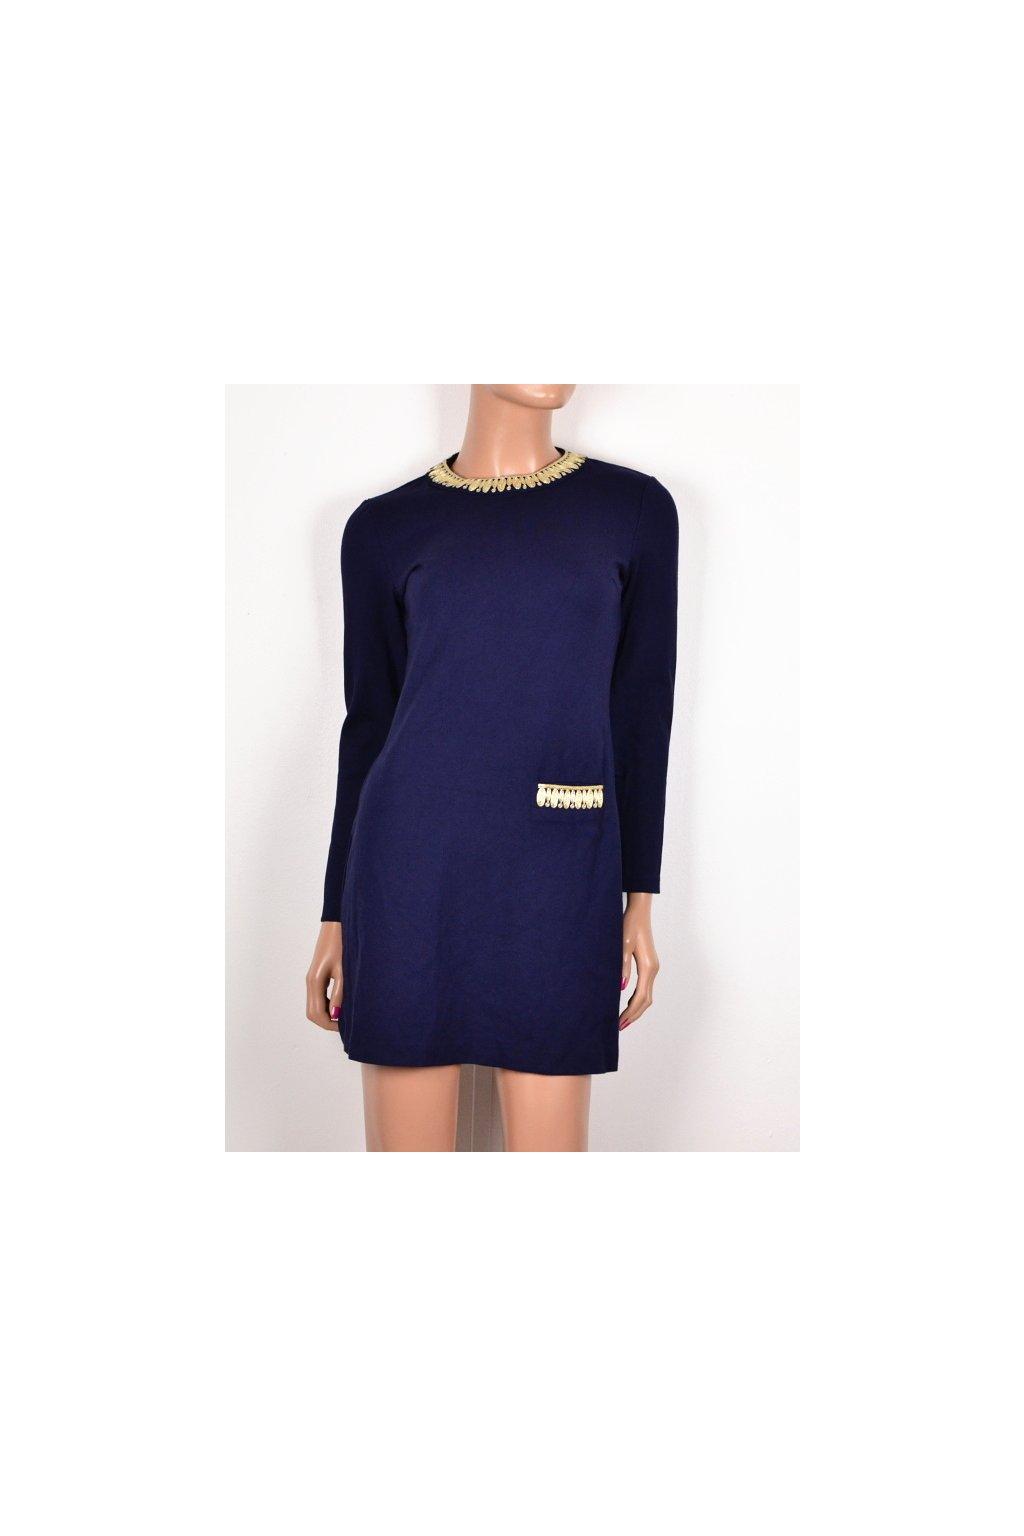 Šaty fialové se zlatým lemováním u krku vel. 34 / XS